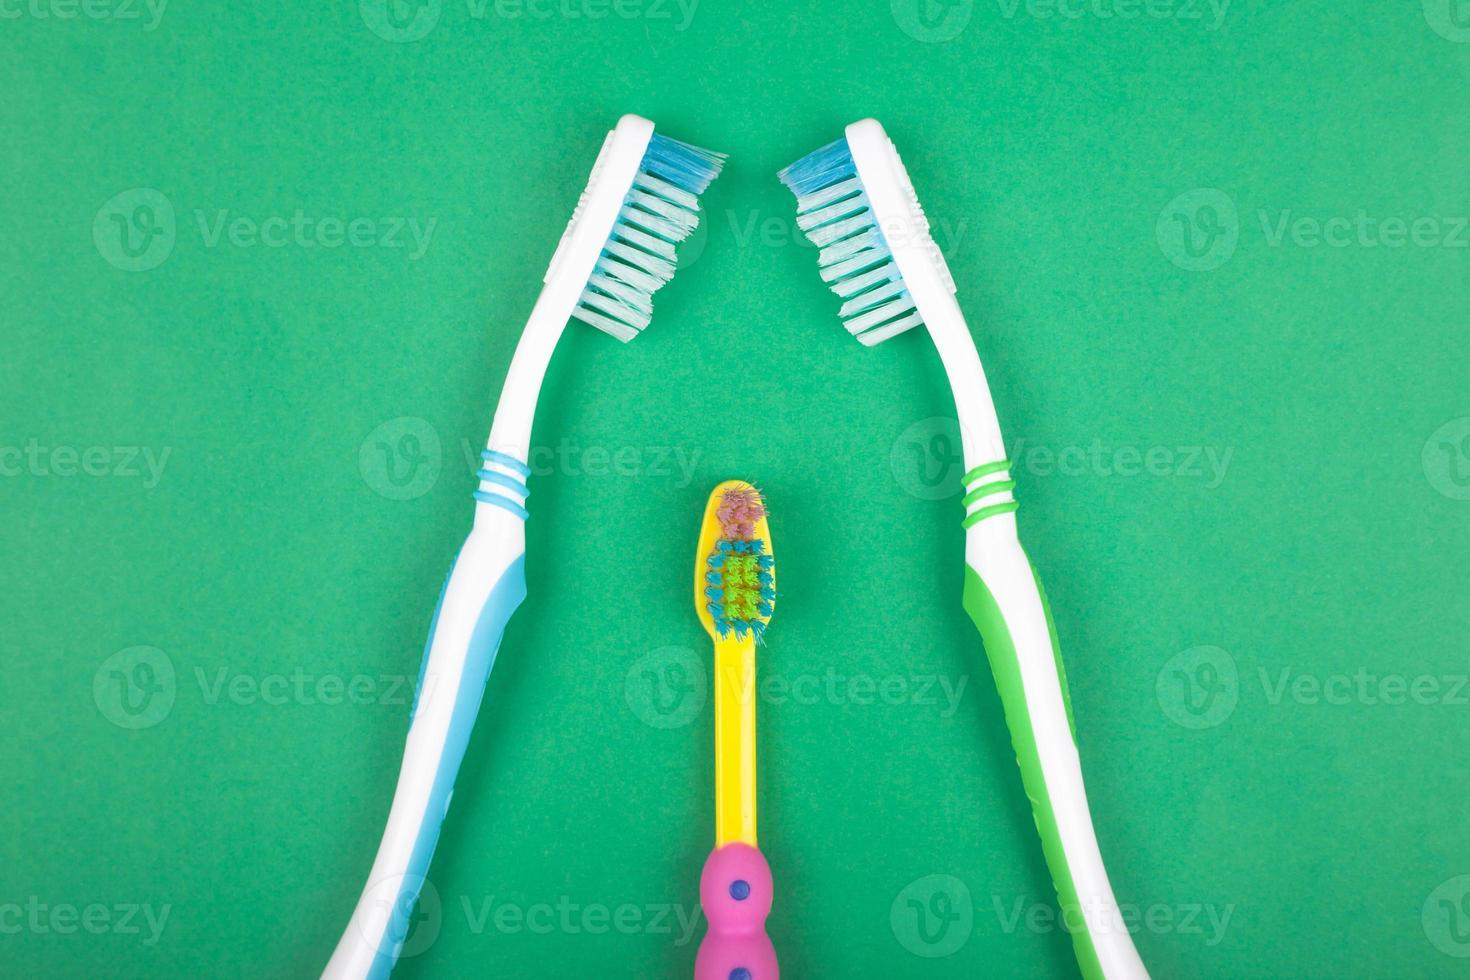 ensemble de brosses à dents pour toute la famille sur fond vert photo